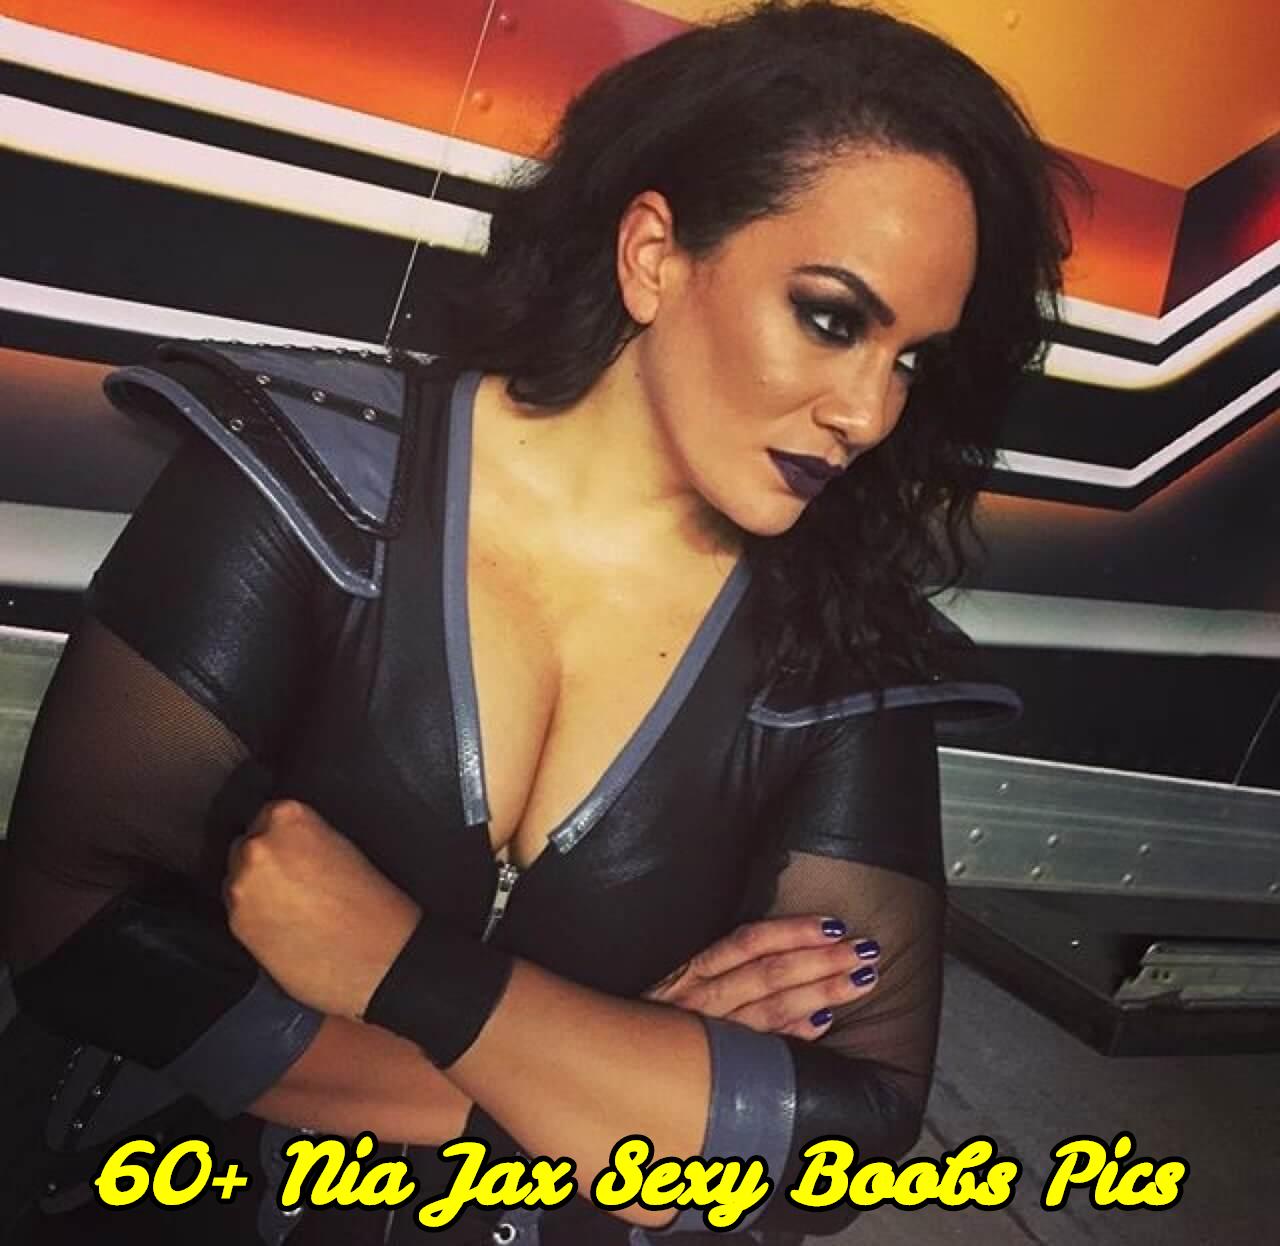 Nia Jax sexy boobs pics